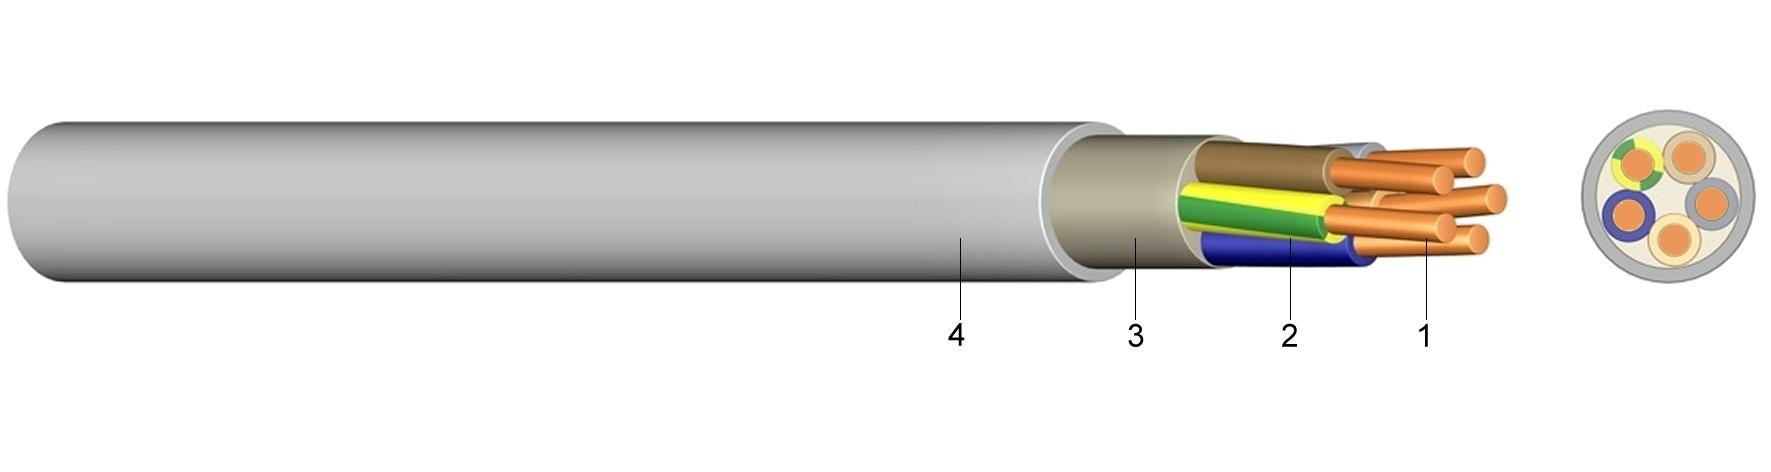 Novo označavanje YM kabela